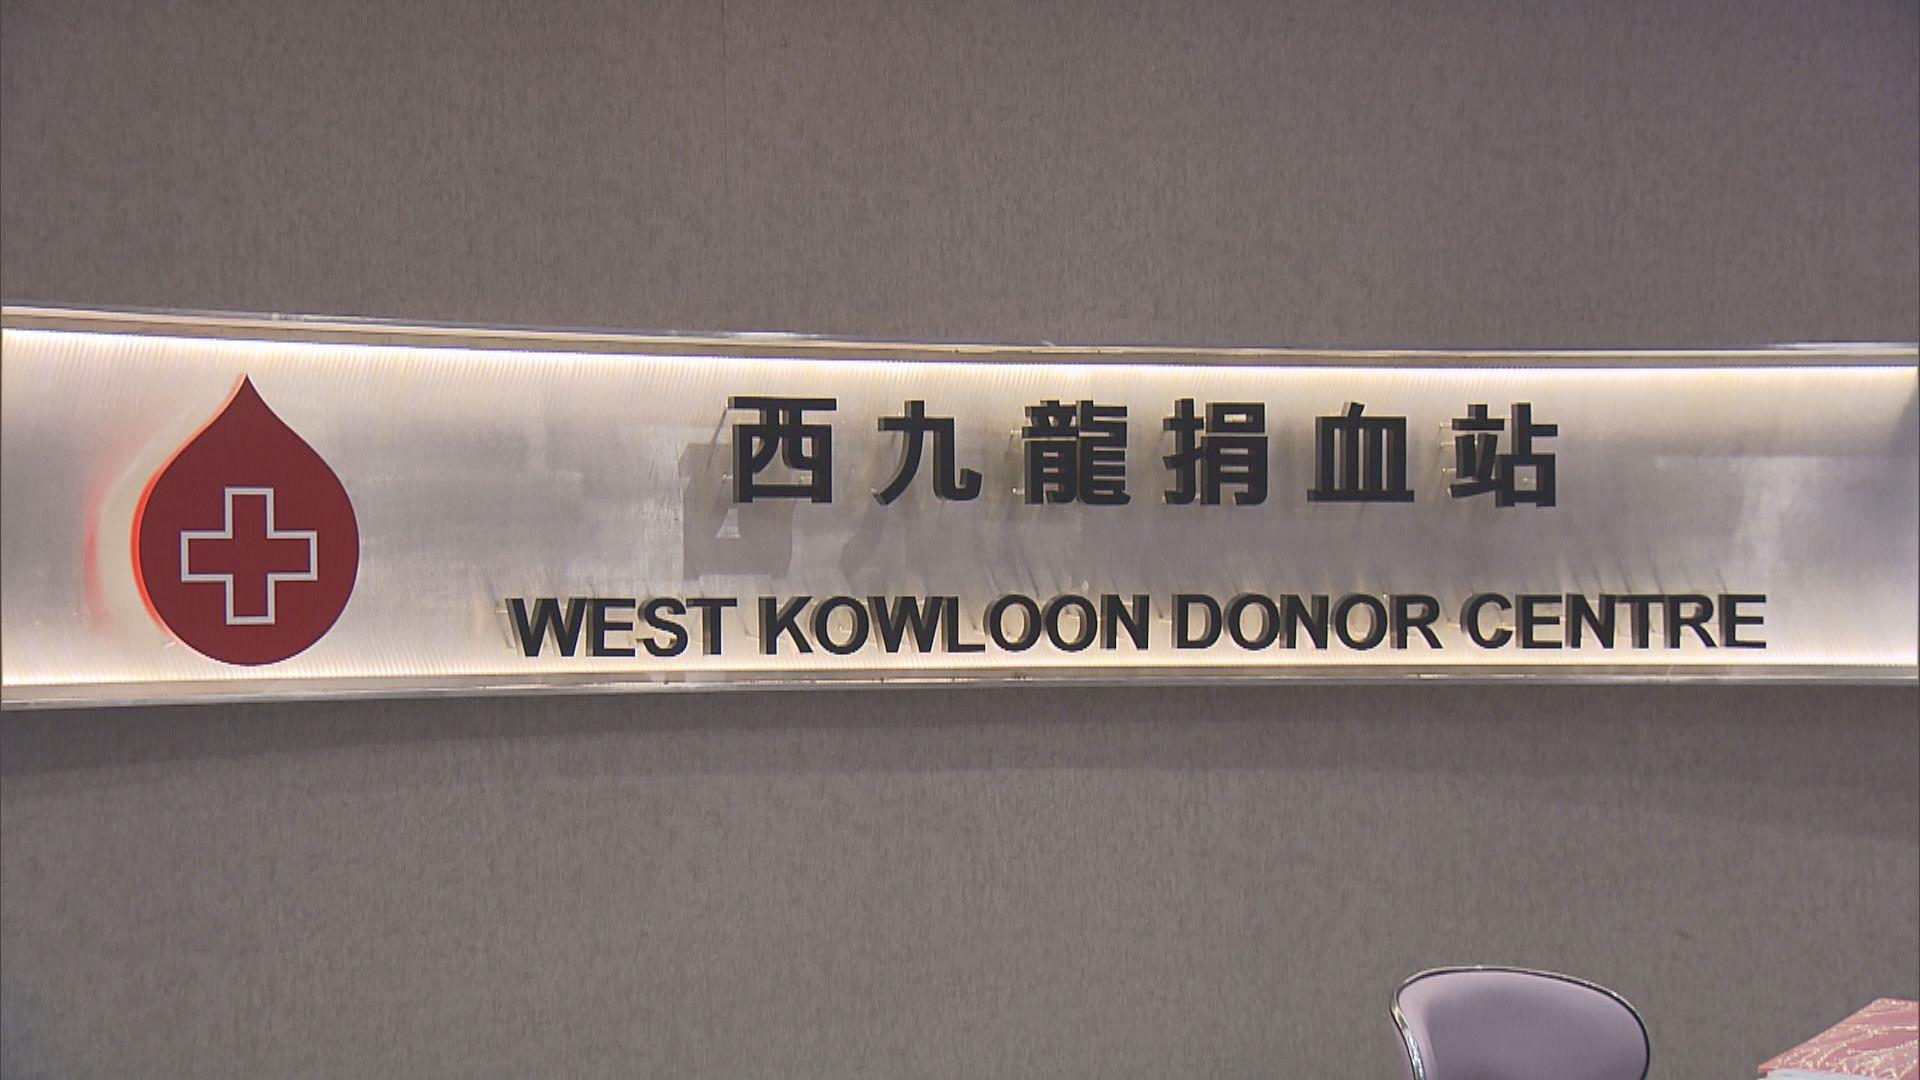 【捐血救人】紅會血庫存量極低 籲市民新春期間捐血